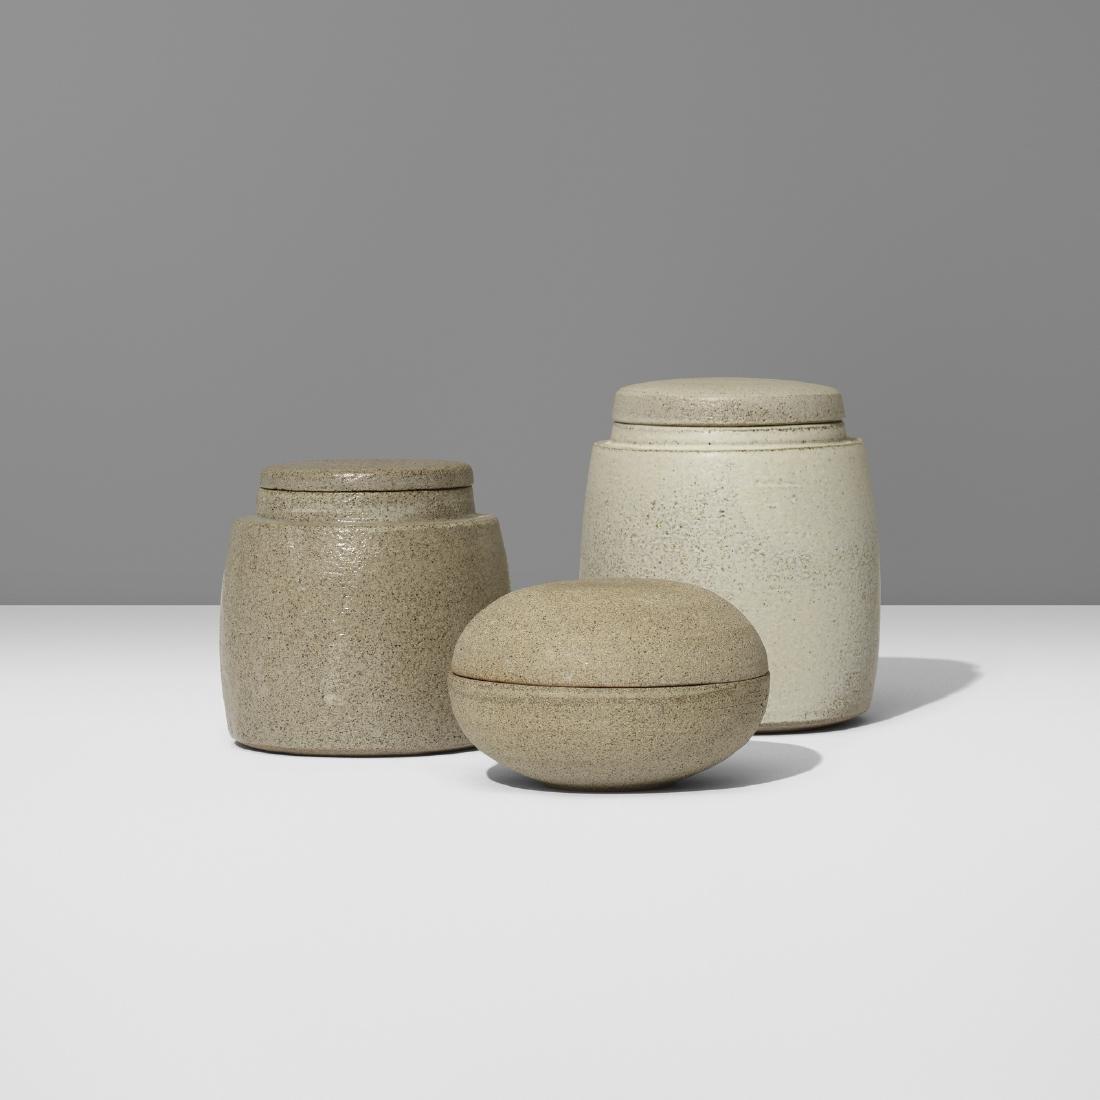 Aage and Kasper Wurtz, lidded vessels, set of three